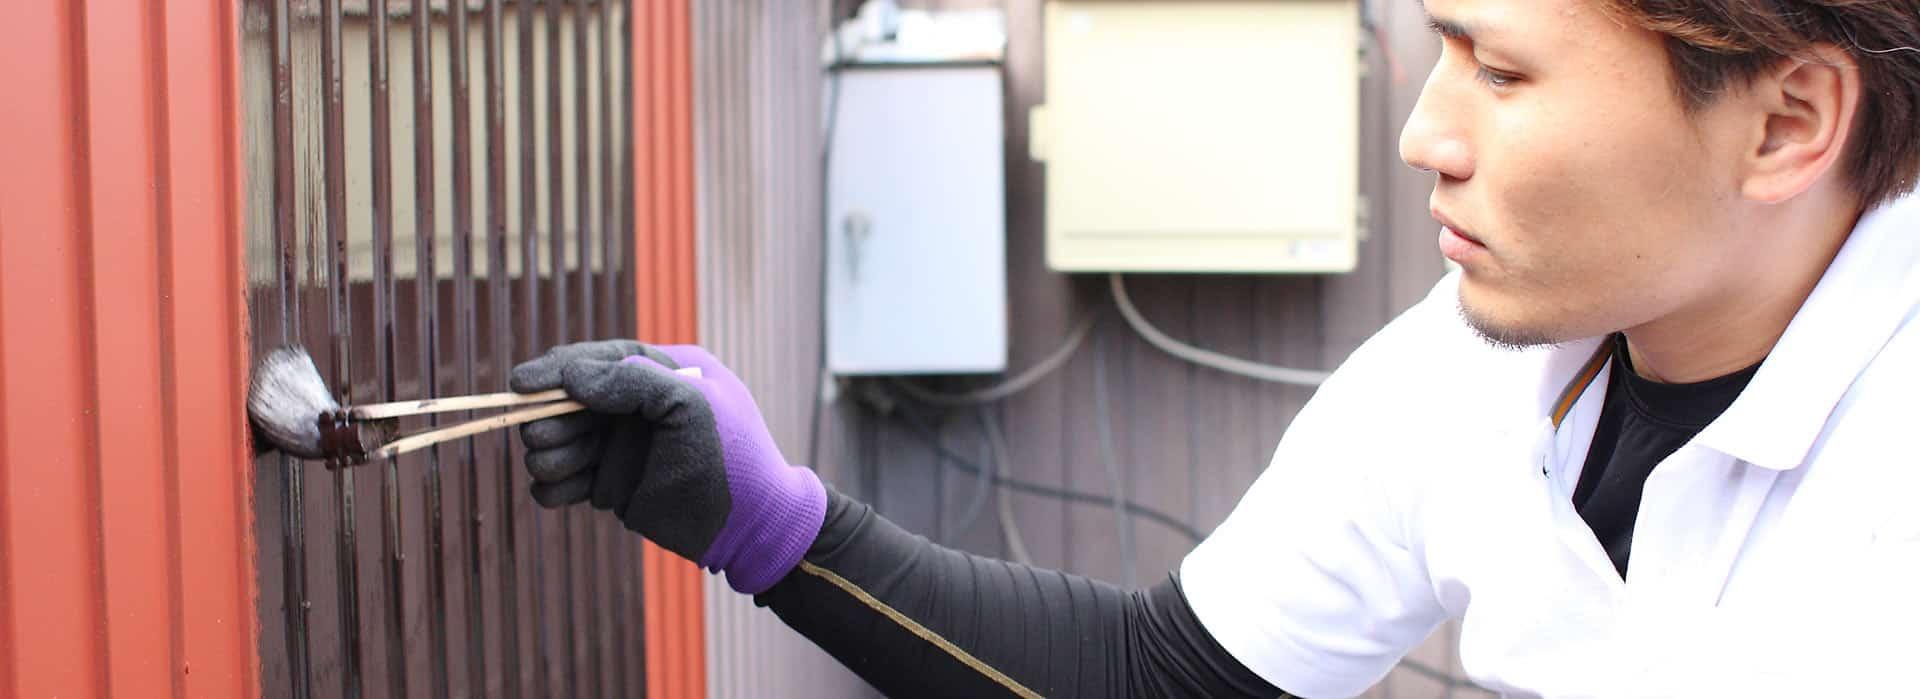 平野区のペンキ屋「池本塗装」の外壁塗装・屋根塗装・防水塗装など施工実績